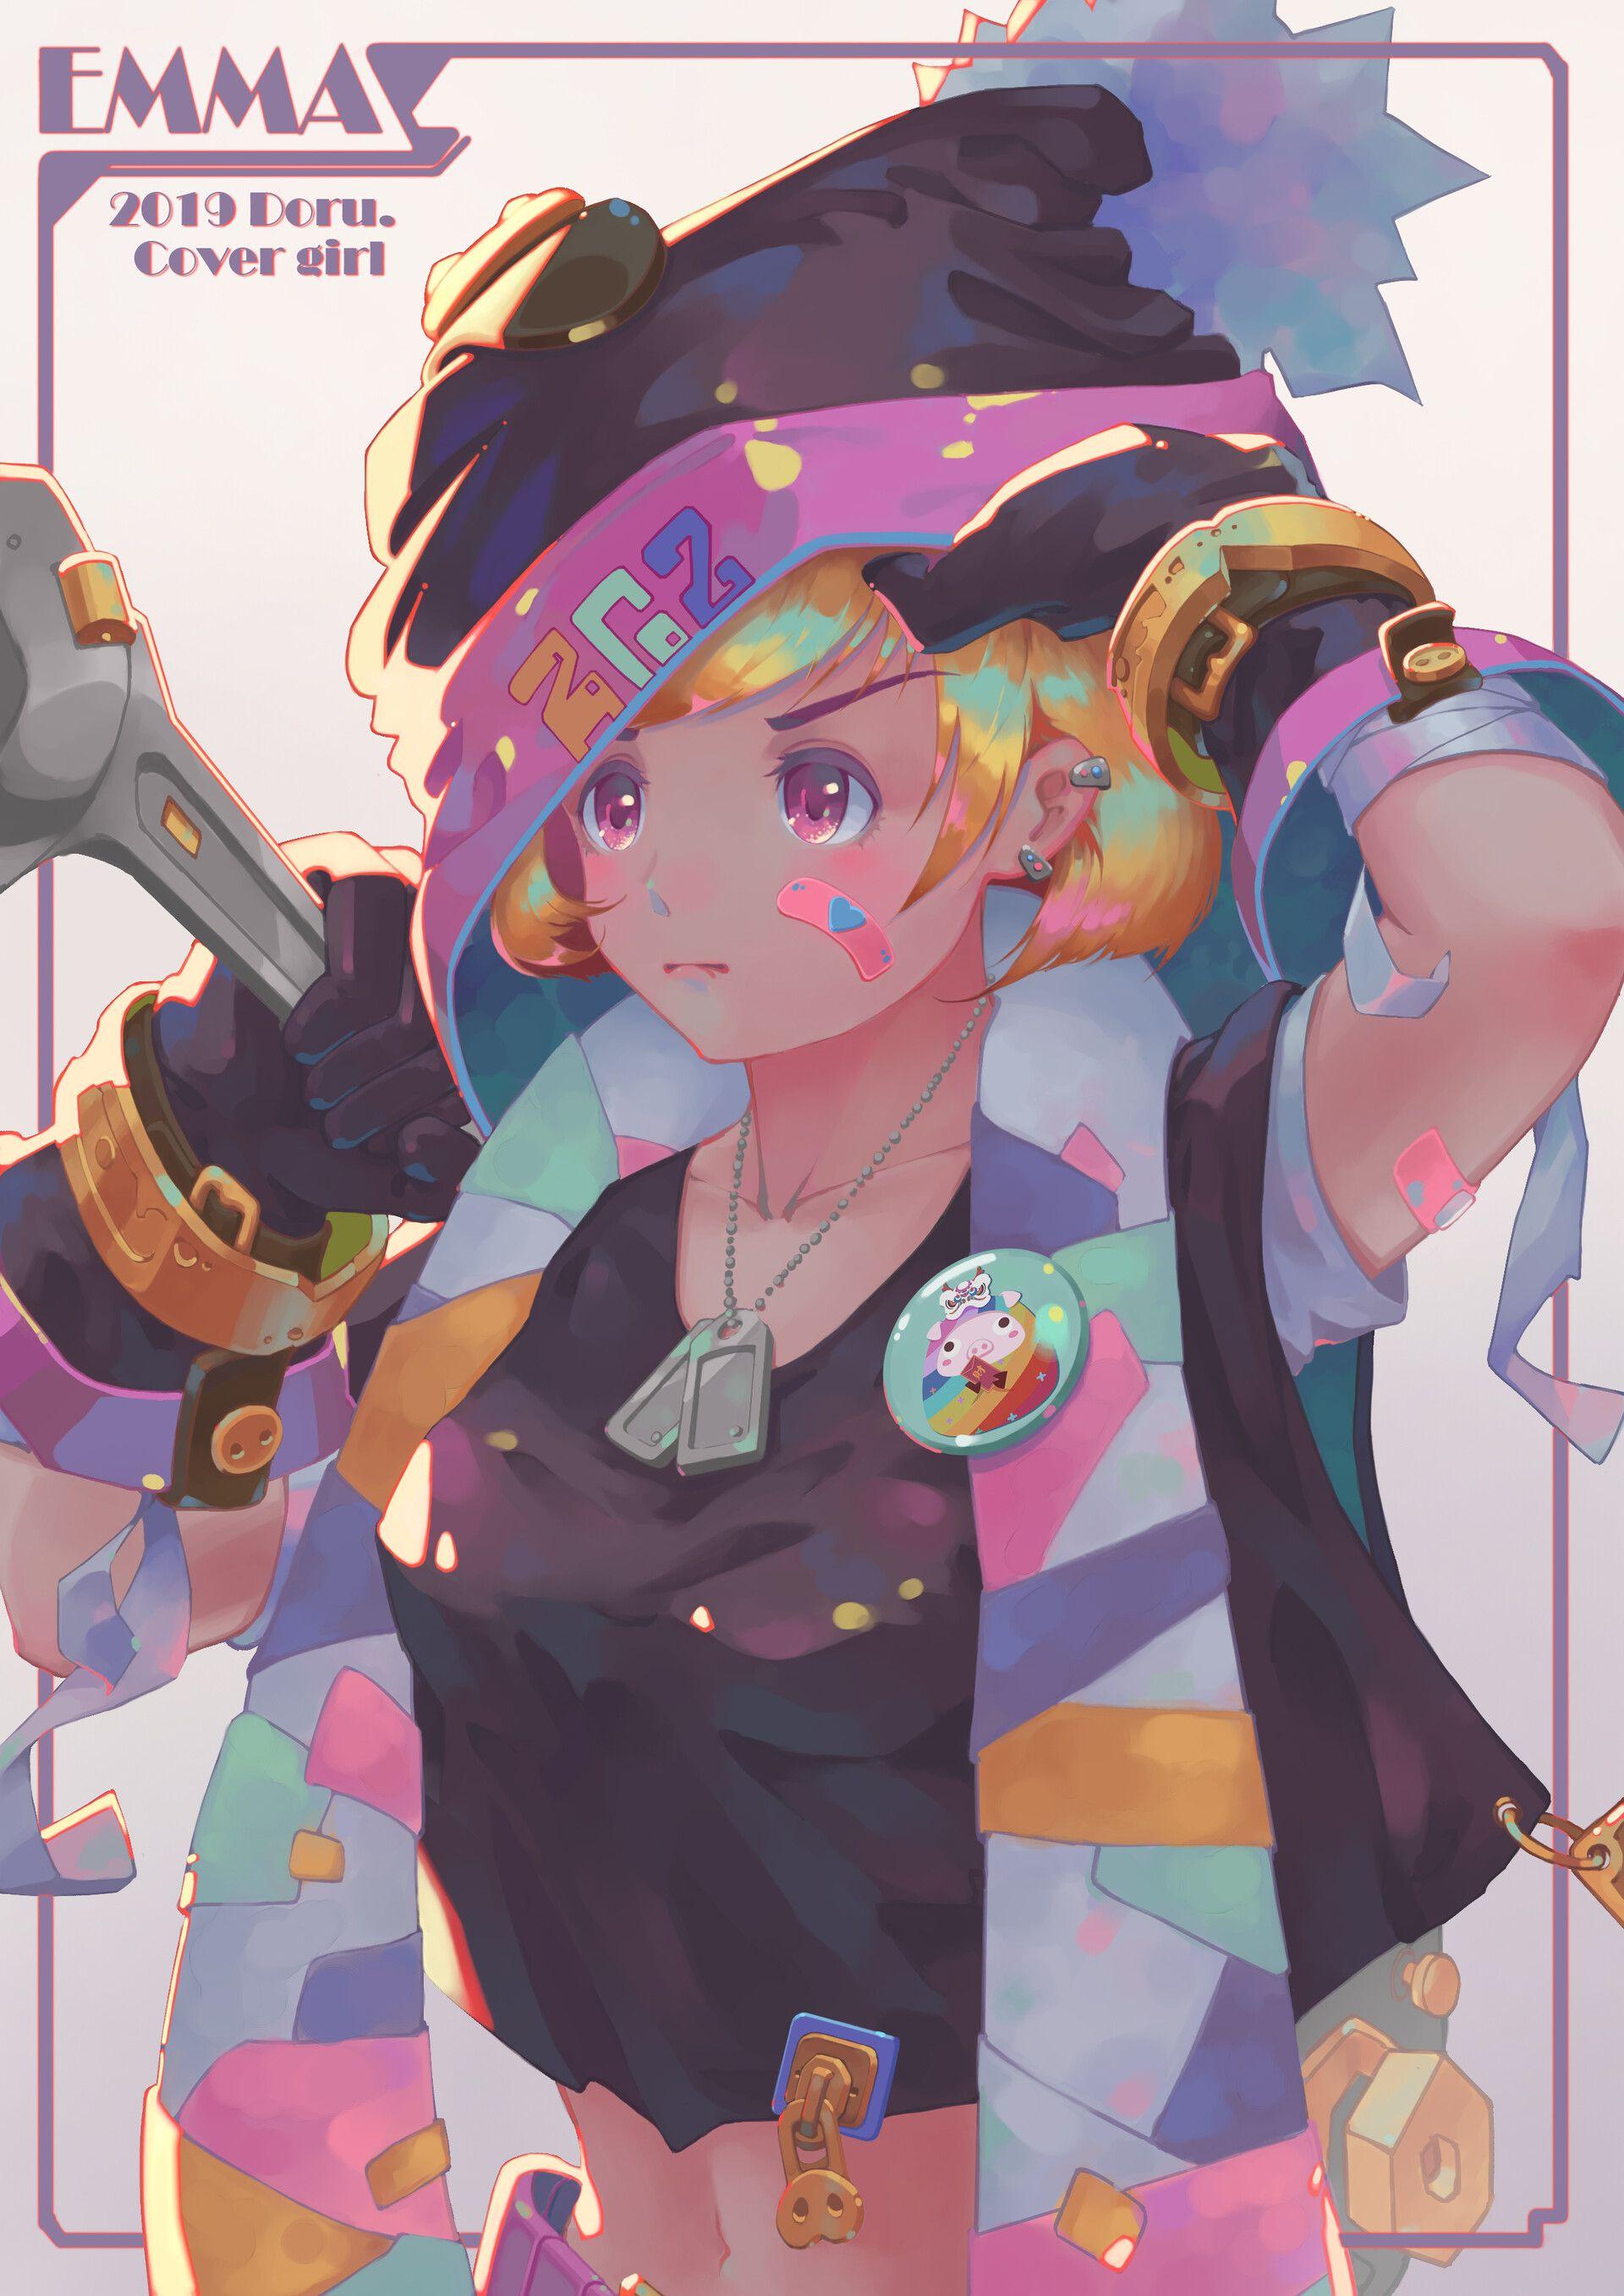 2019豆乳姬 Doru Cover girl EMMA Work Artwork, Anime, Gril